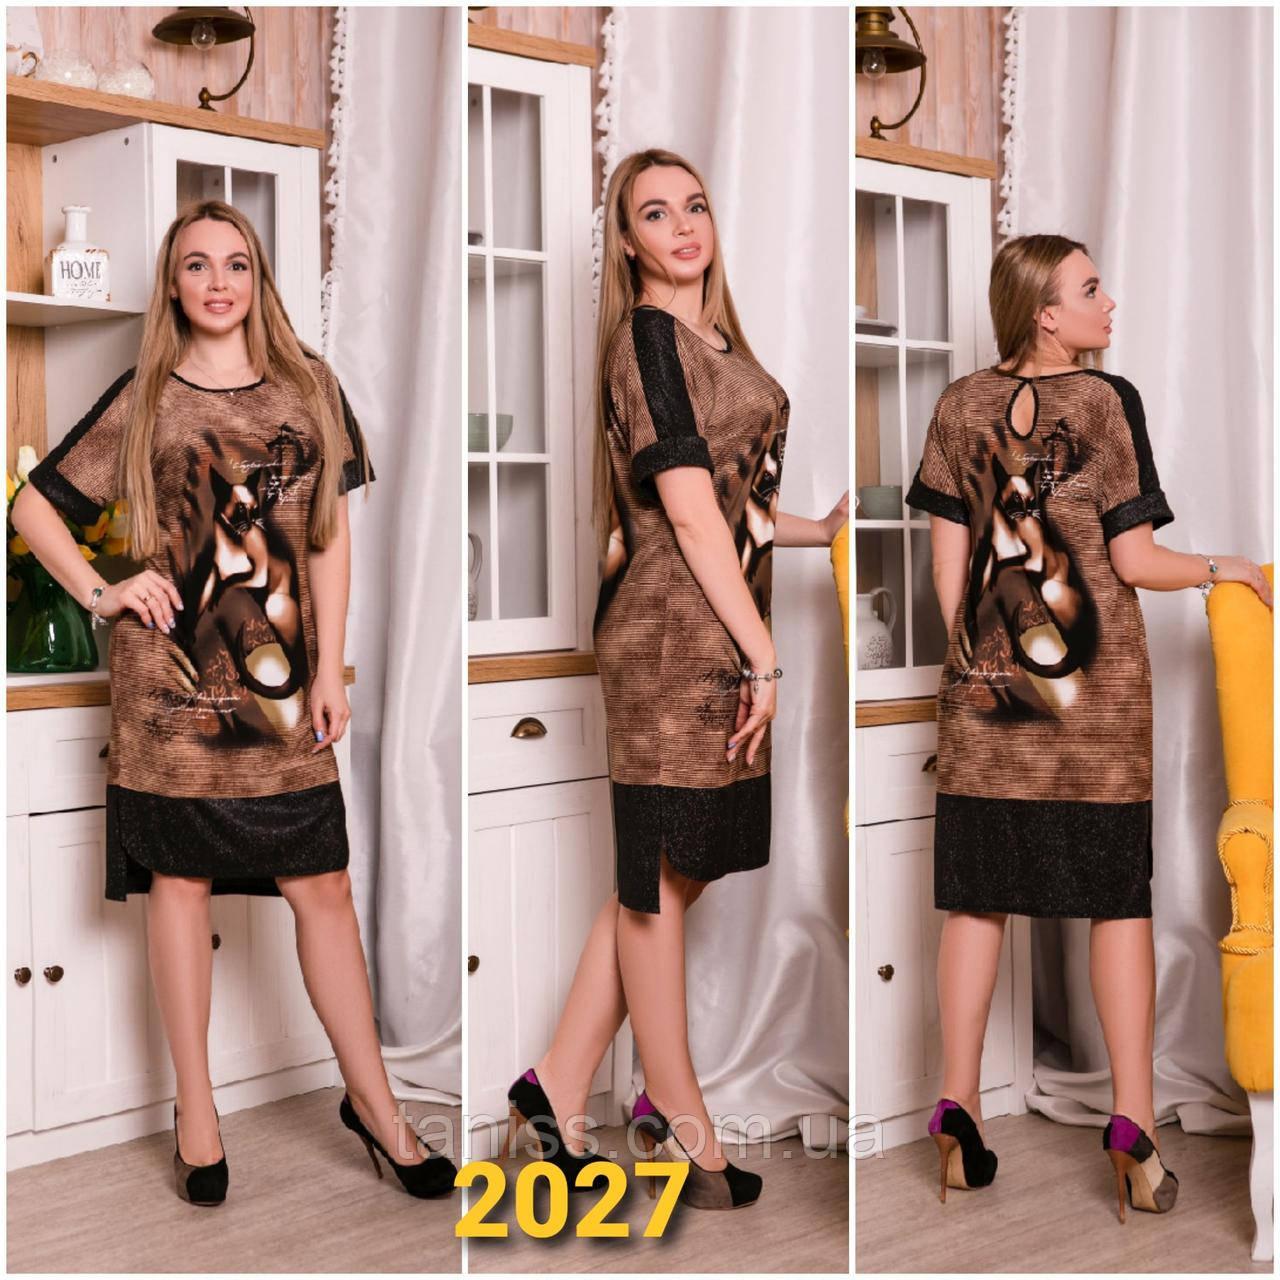 Женское летнее платье большого размера, принт кошка, микромасло, р. 46,48,50,52,54,56  (2027) сукня